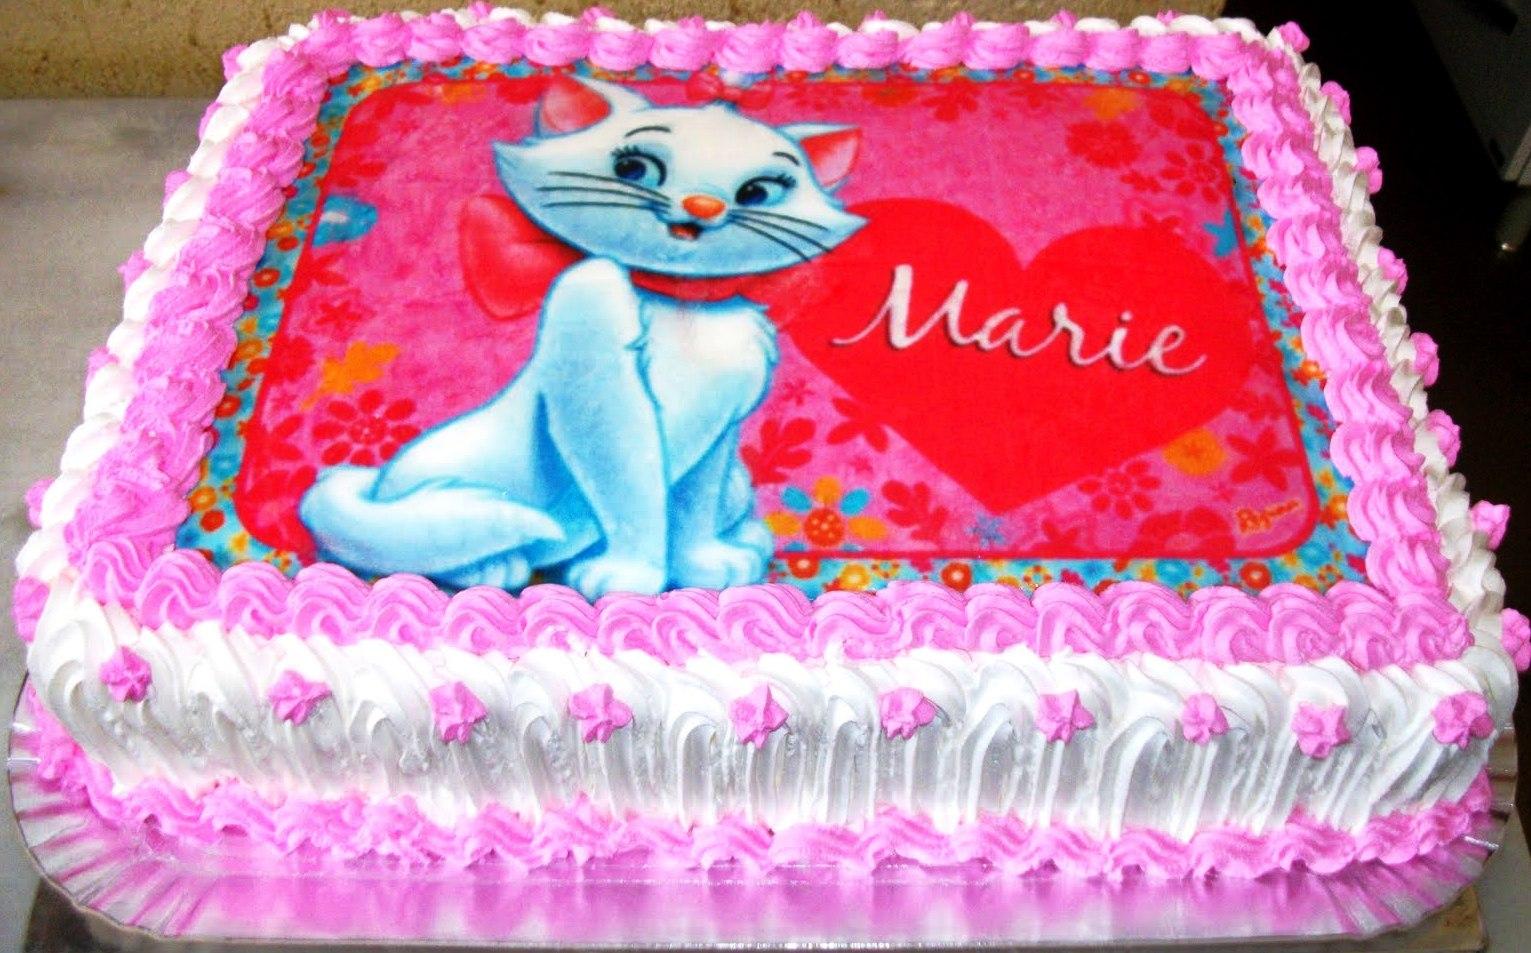 Marie Gateaux Bolos de Aniversário Bolos Decorados Bolos